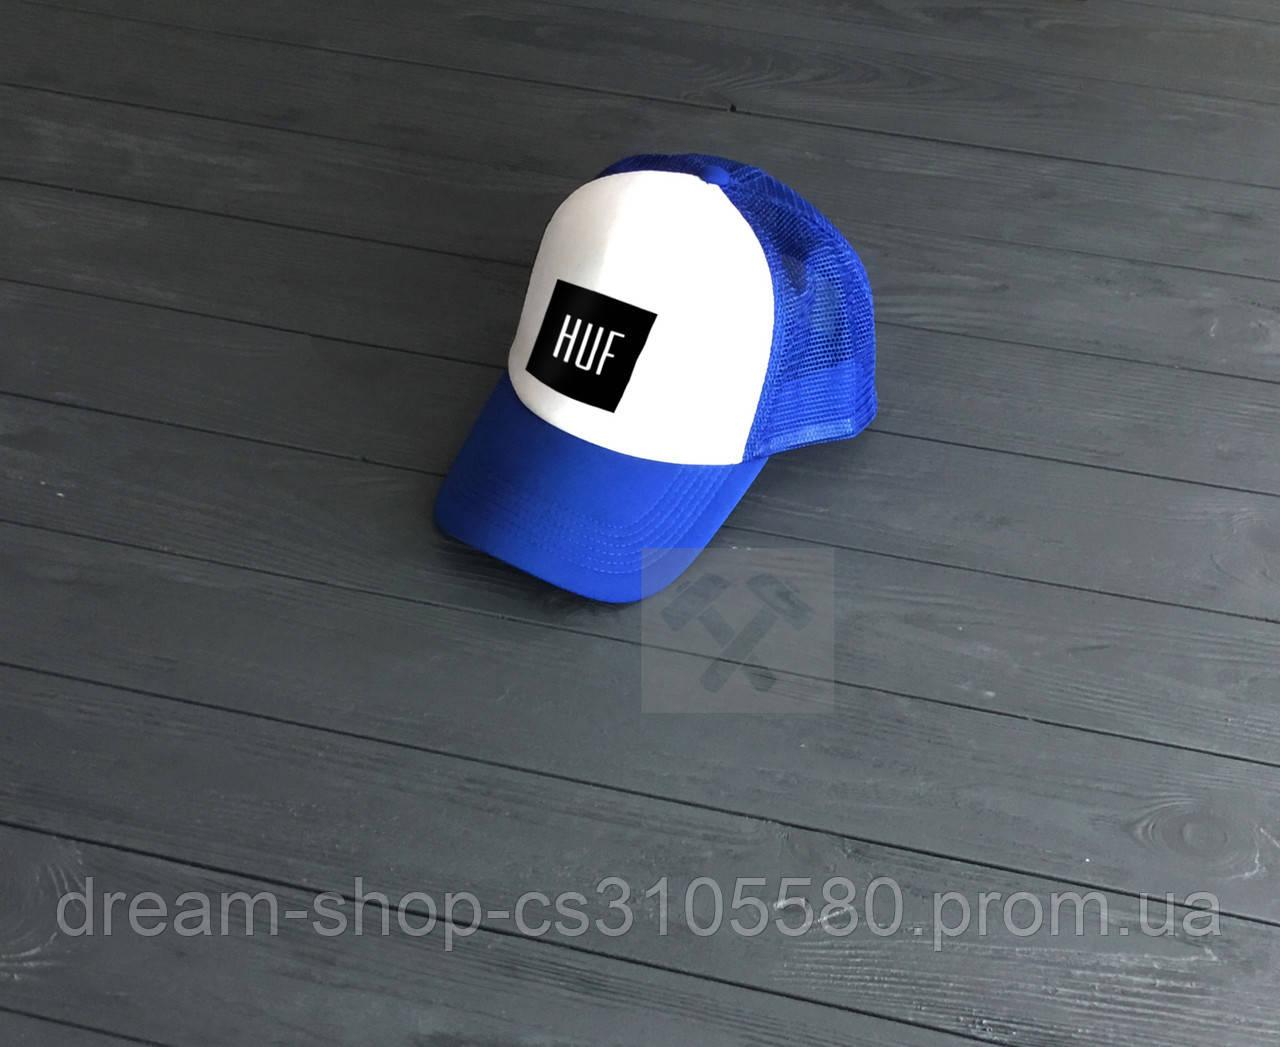 Мужская кепка из сеткой Хаф, летняя кепка Huf